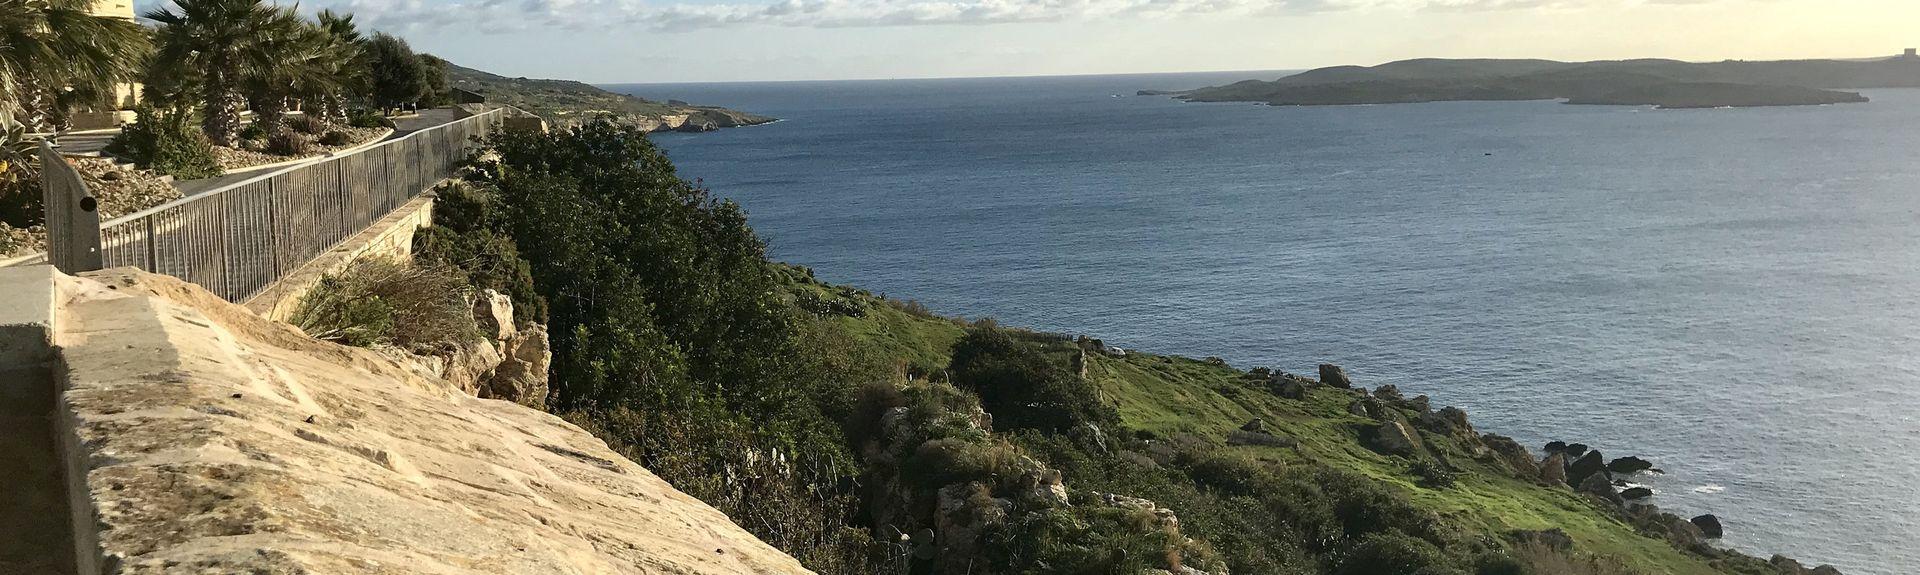 Paceville, Saint Julian's, Malta